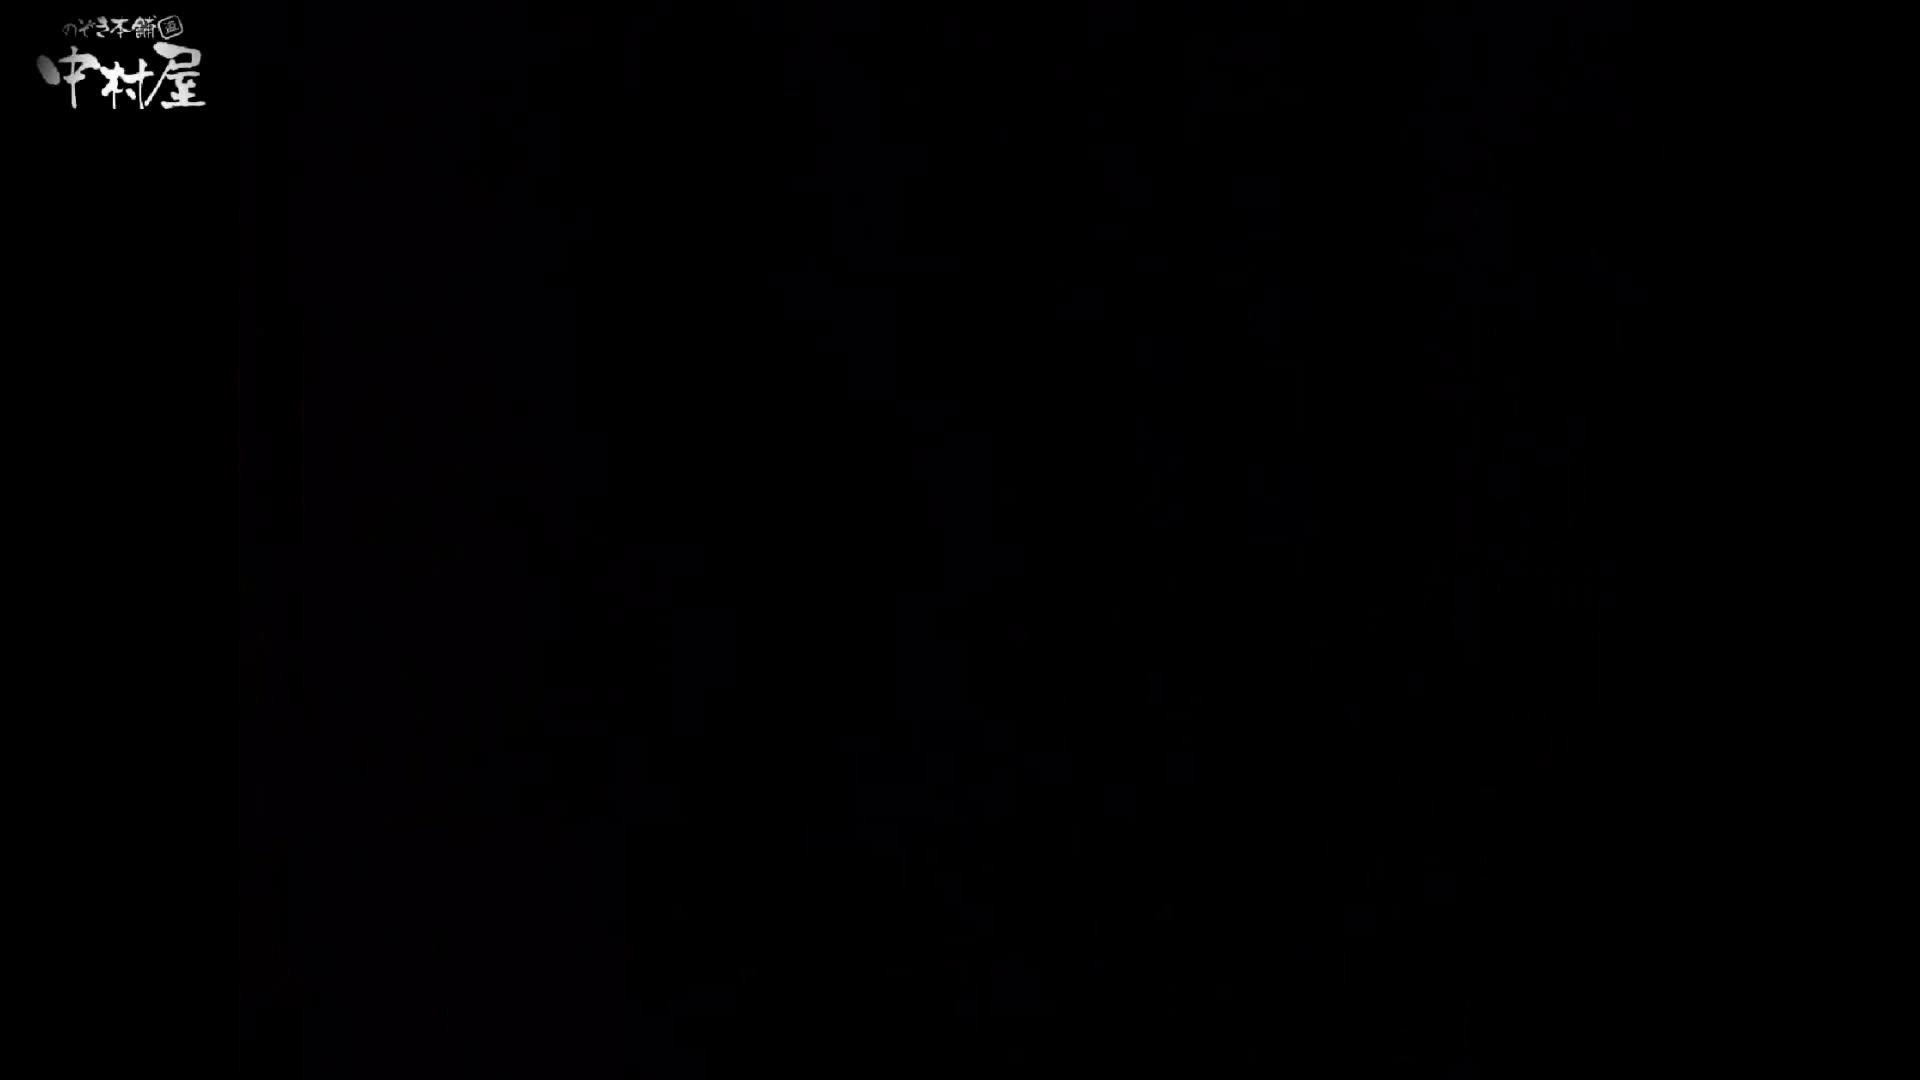 民家風呂専門盗撮師の超危険映像 vol.016 盗撮 ワレメ無修正動画無料 72連発 27